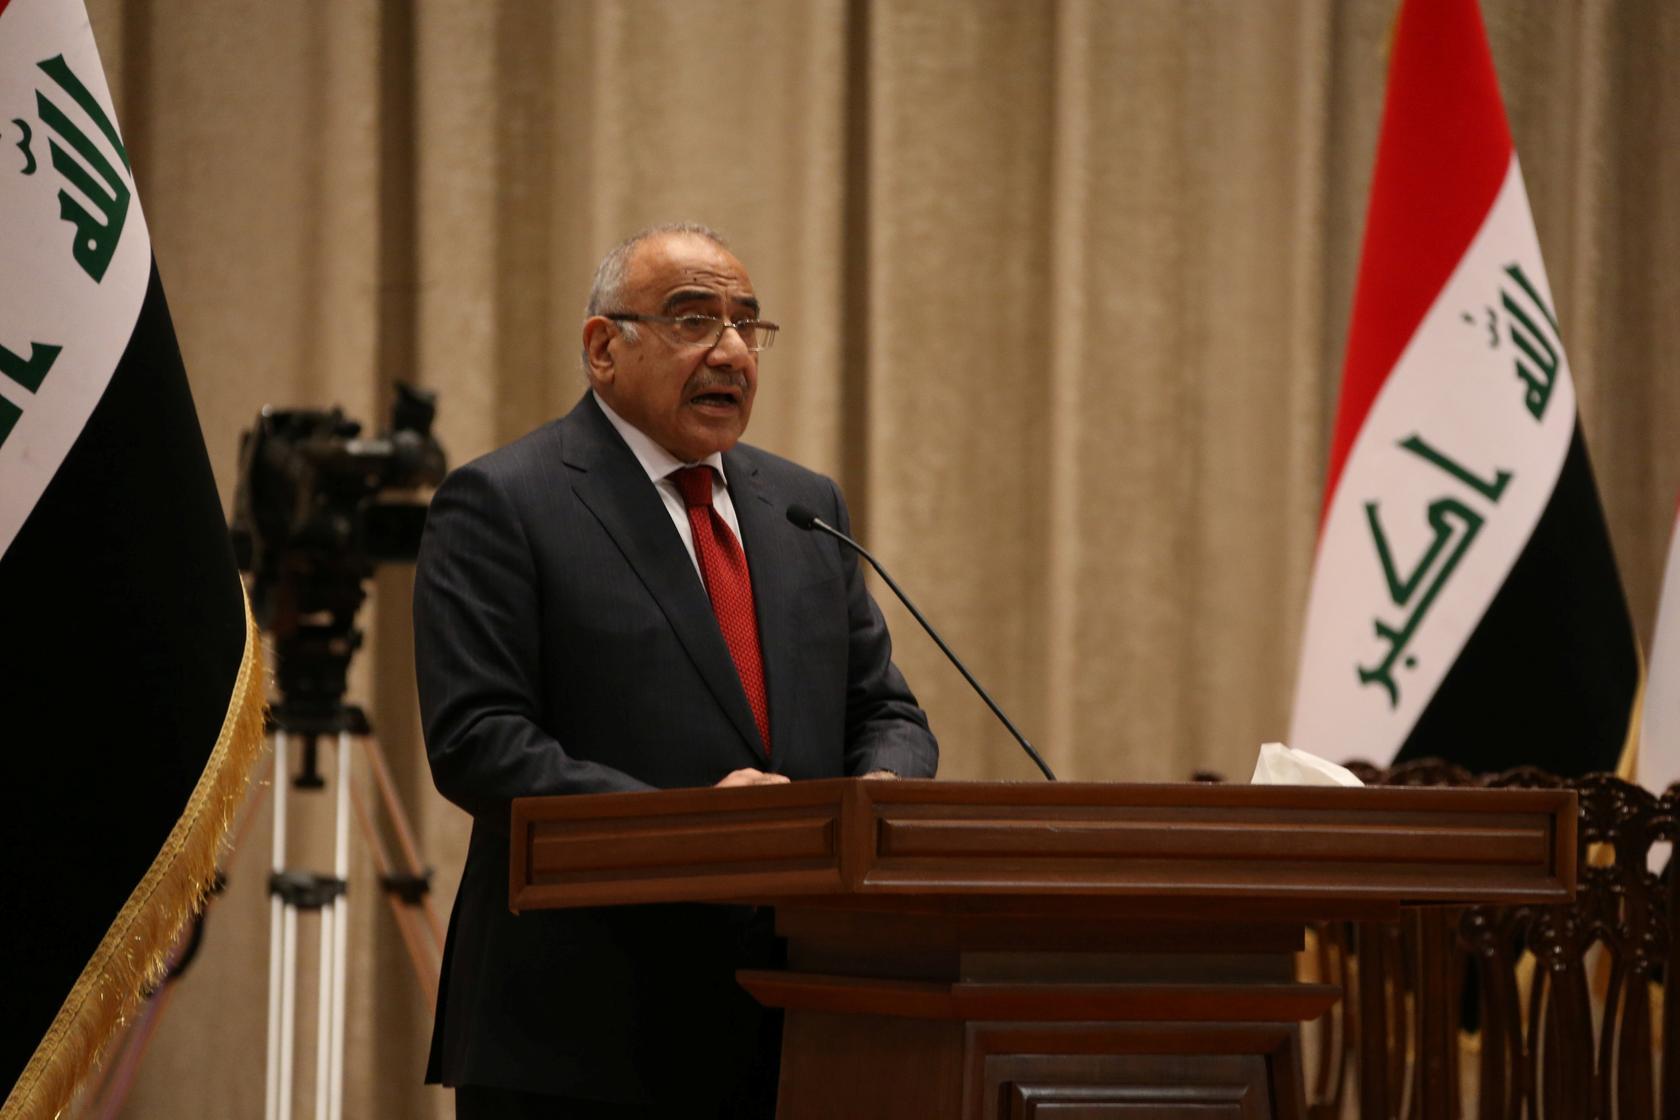 چشم انداز سیاسی عراق بعد از استعفای نخست وزیر